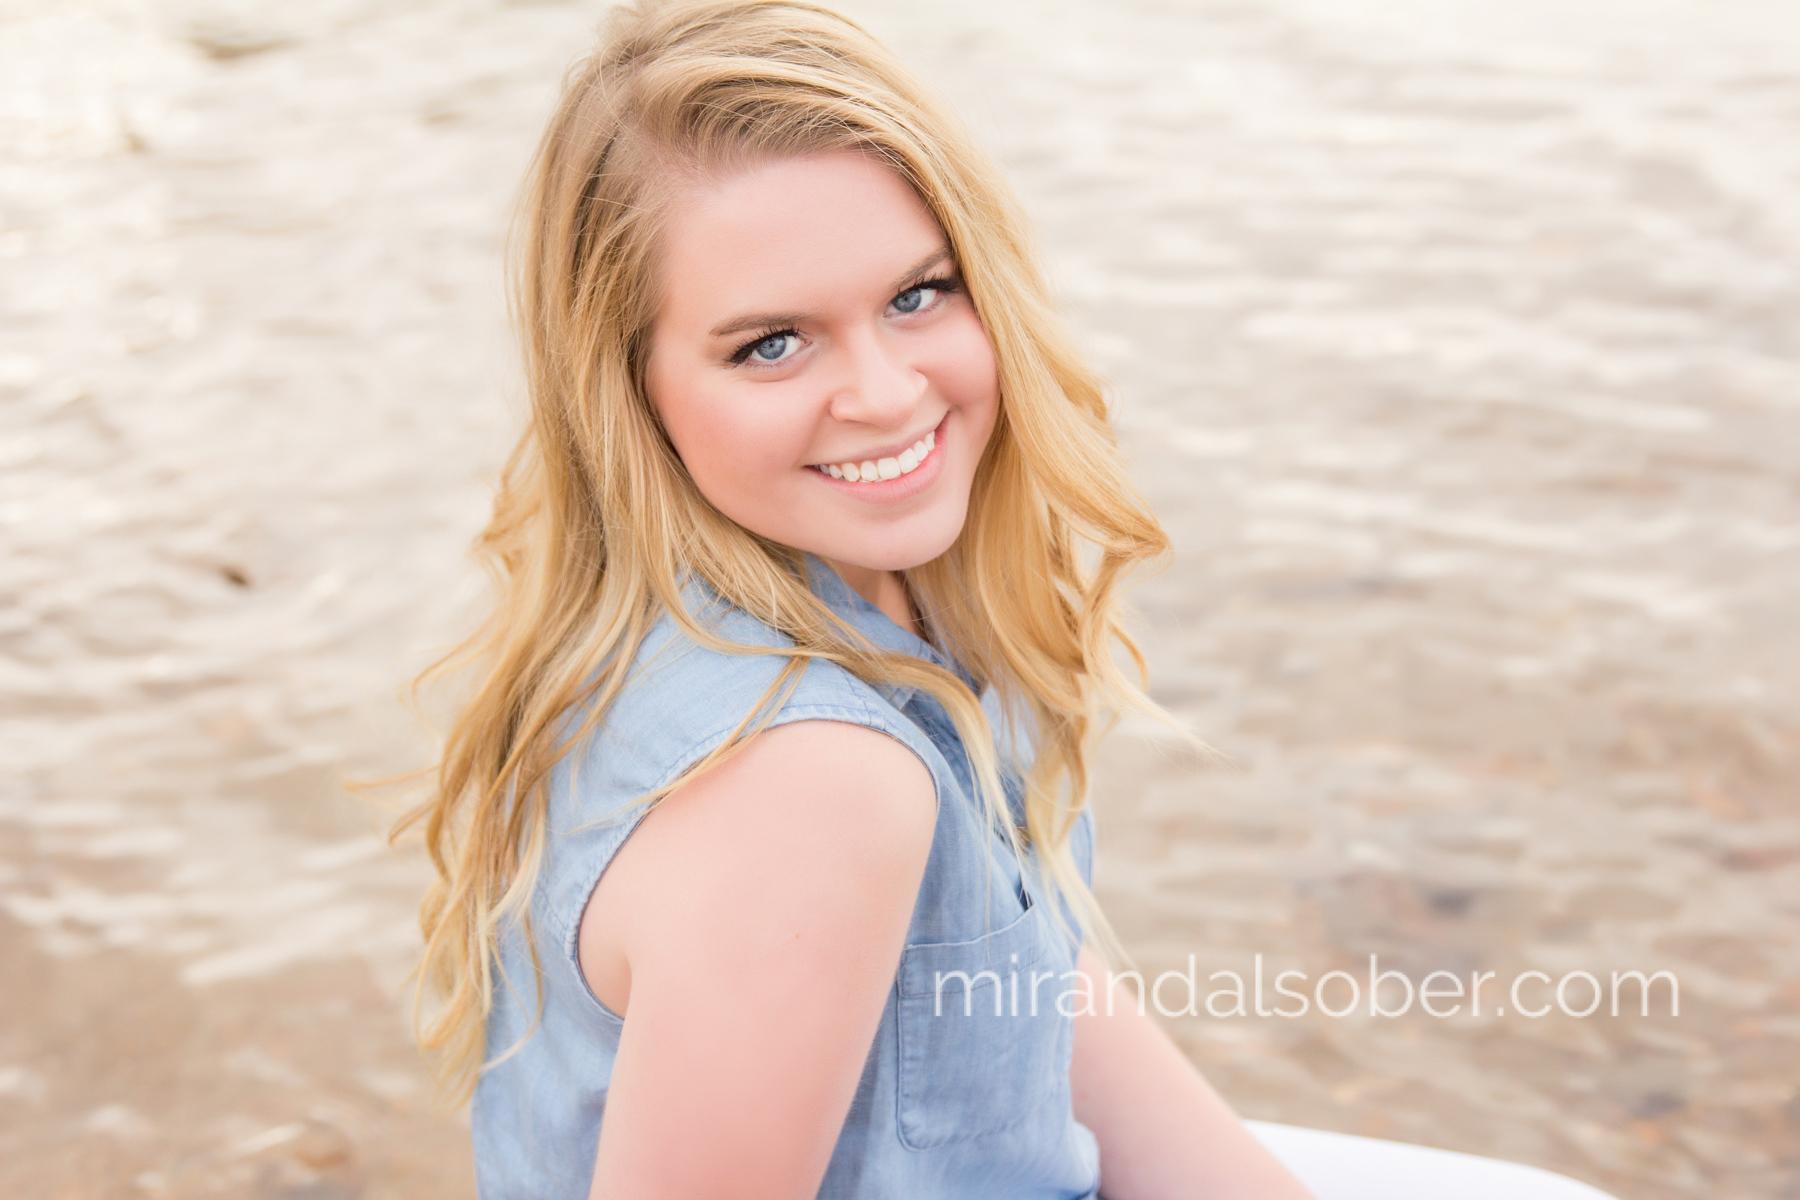 Fort Collins senior pictures, Miranda L. Sober, senior photos